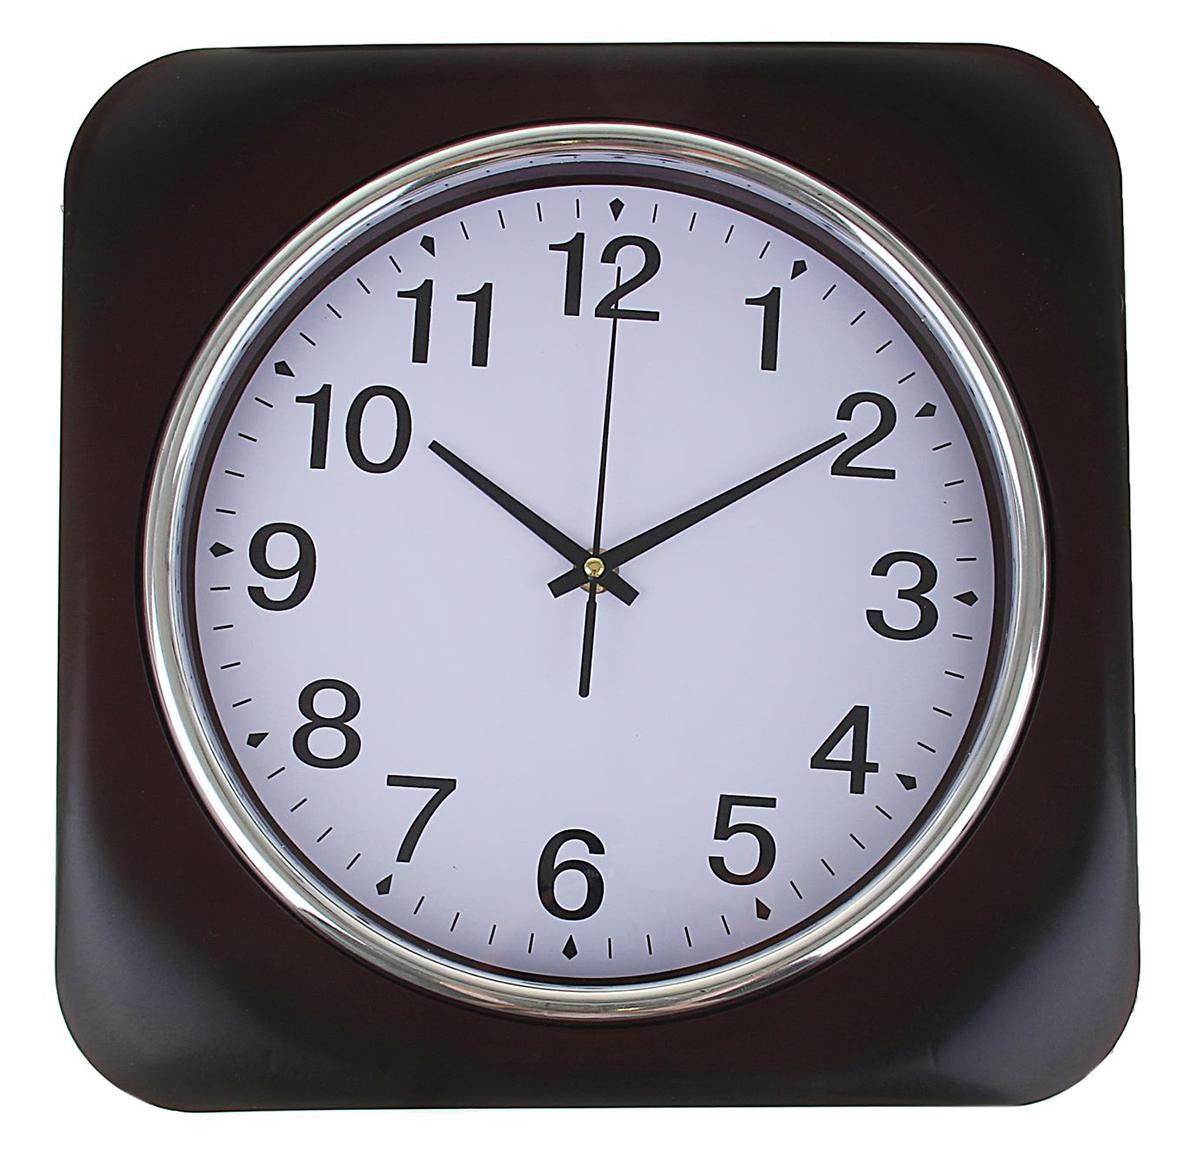 Часы настенные, цвет: черный, белый, 32 х 32 см1251150Каждому хозяину периодически приходит мысль обновить свою квартиру, сделать ремонт, перестановку или кардинально поменять внешний вид каждой комнаты. Часы настенные Daily, квадратные с закругленными углами, 32 ? 32 см, рама черная, циферблат белый — привлекательная деталь, которая поможет воплотить вашу интерьерную идею, создать неповторимую атмосферу в вашем доме. Окружите себя приятными мелочами, пусть они радуют глаз и дарят гармонию.Часы настенные квадрат с круг углами, рама черная, циферблат белый круг 32х32см 1251150